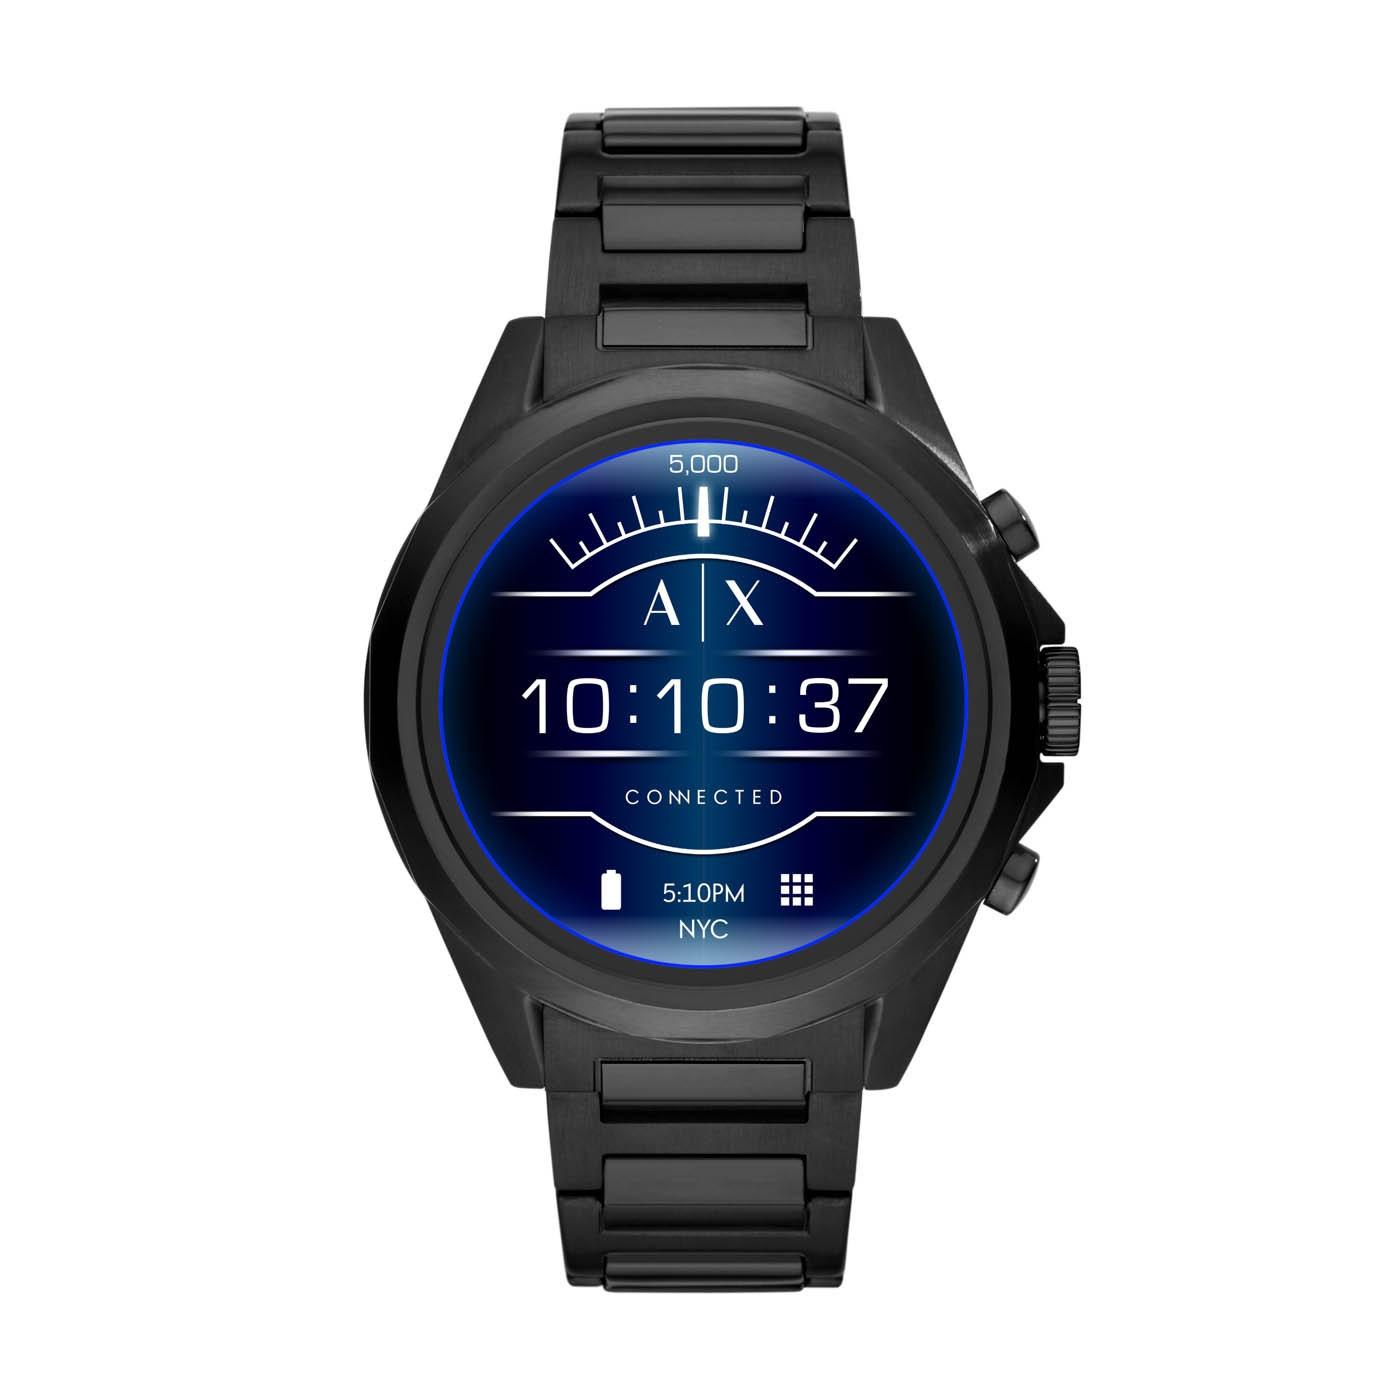 Armani Exchange Connected Drexler Gen 4 Display Smartwatch AXT2002